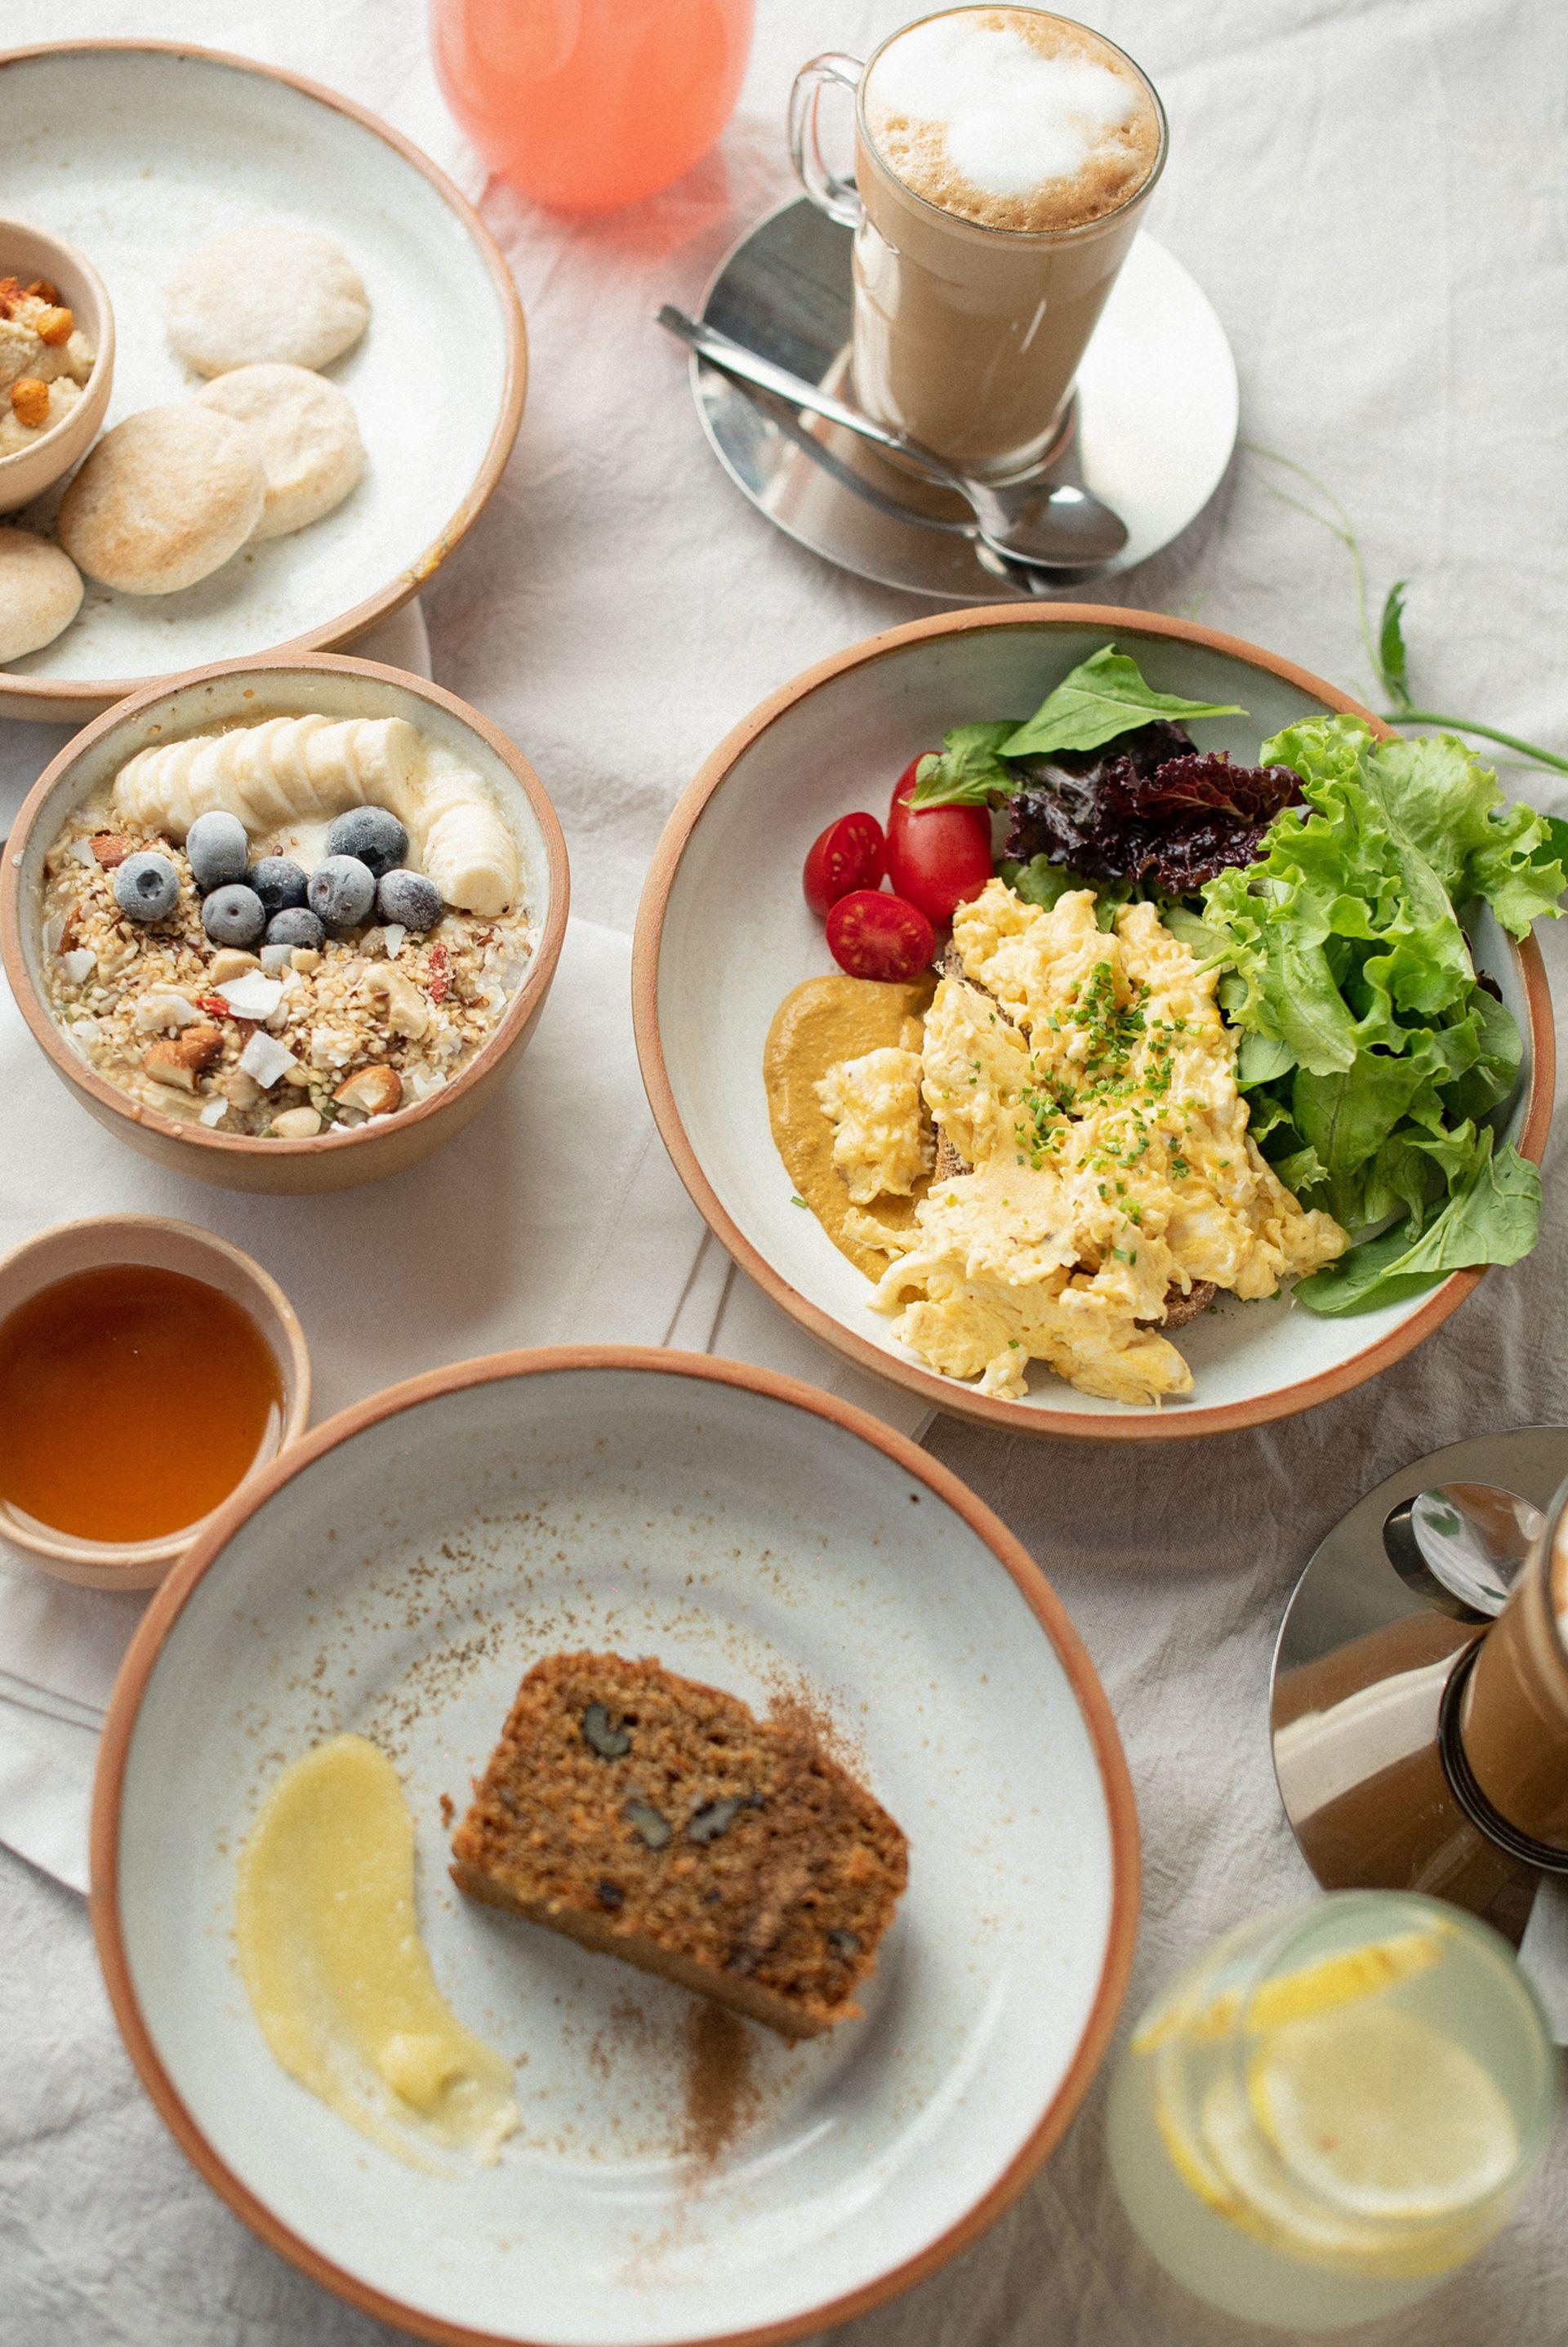 Eggs & Greens Café